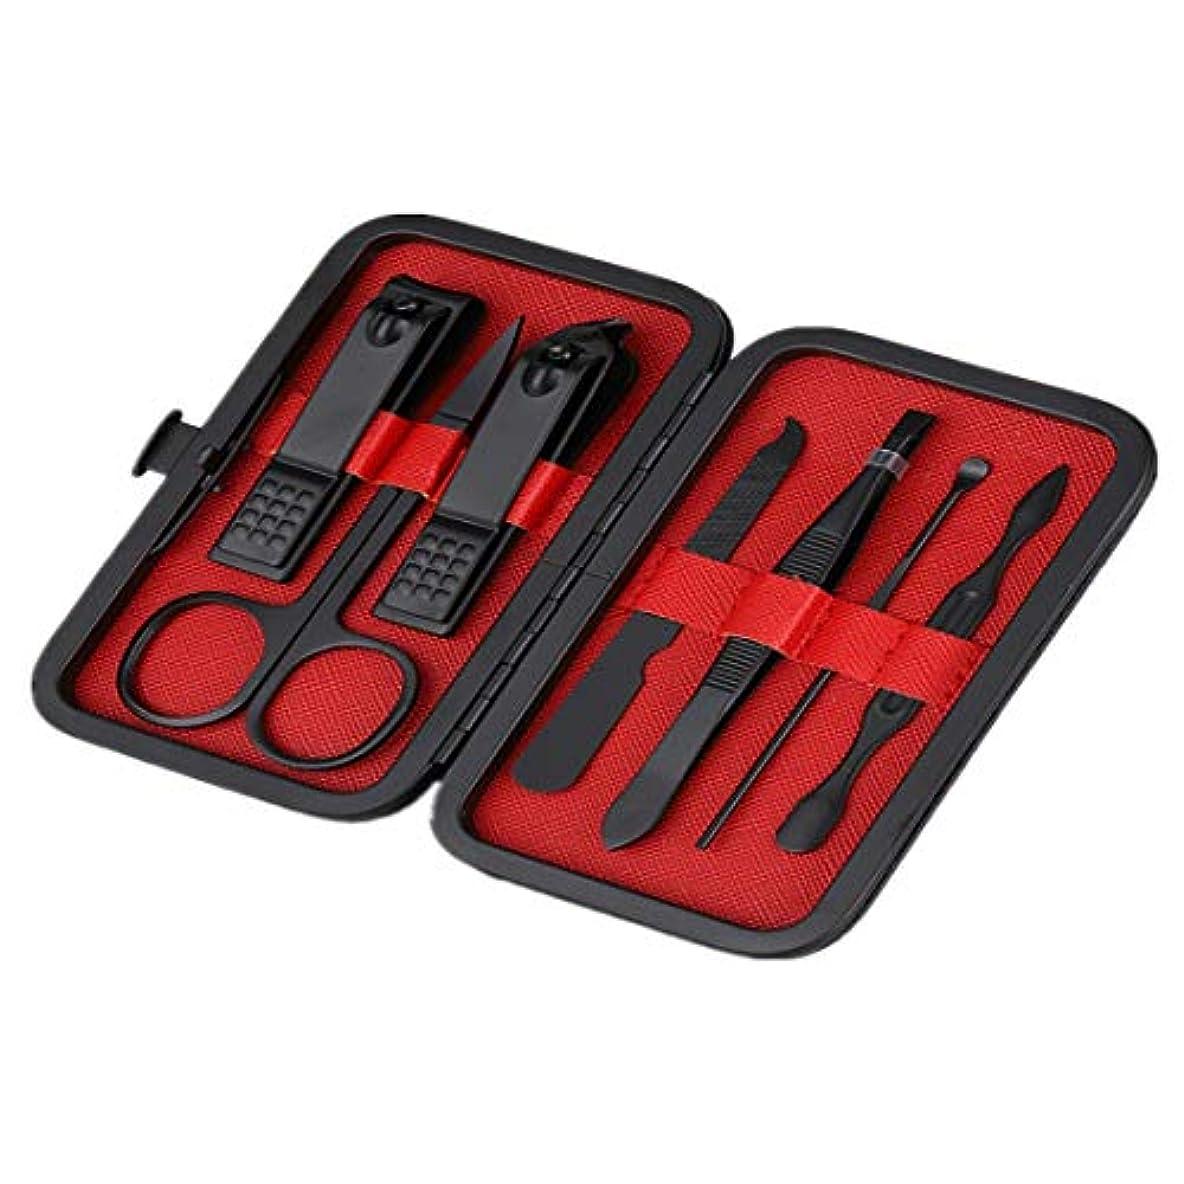 トランクライブラリ医薬ハブKerwinner ステンレス製の美容ツール、ネイルツール、ネイル、足の爪、アイブロウキット、9/12個、1パックあたり1個 (Color : ZB015)